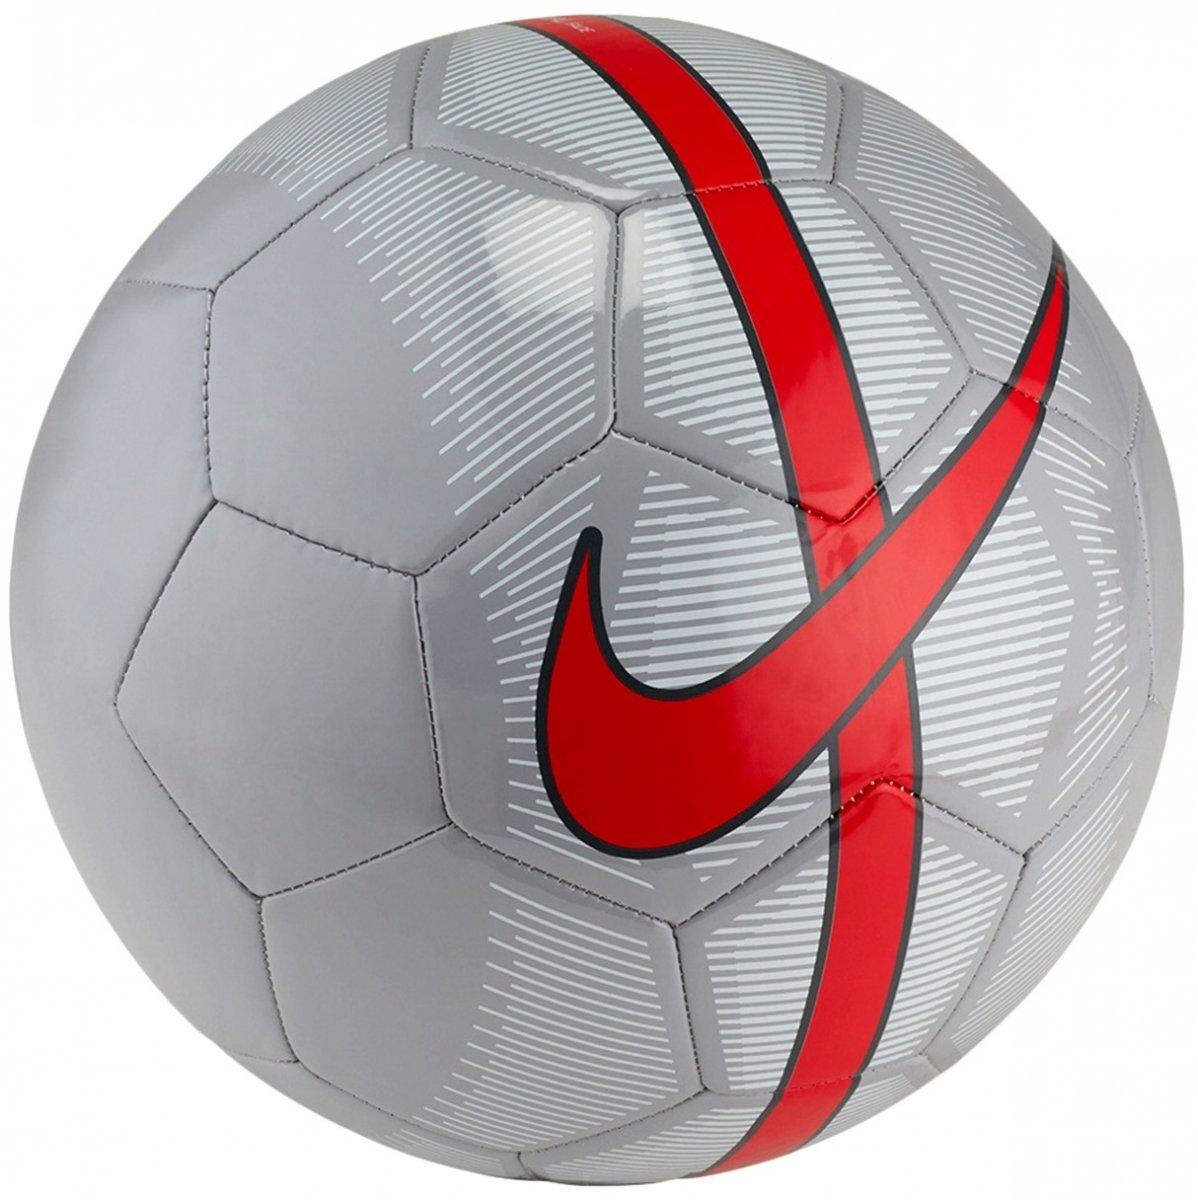 878e919d9b05c Bola Campo Mercurial Fade Nike SC3023-013 - Cinza Vermelho - Botas ...